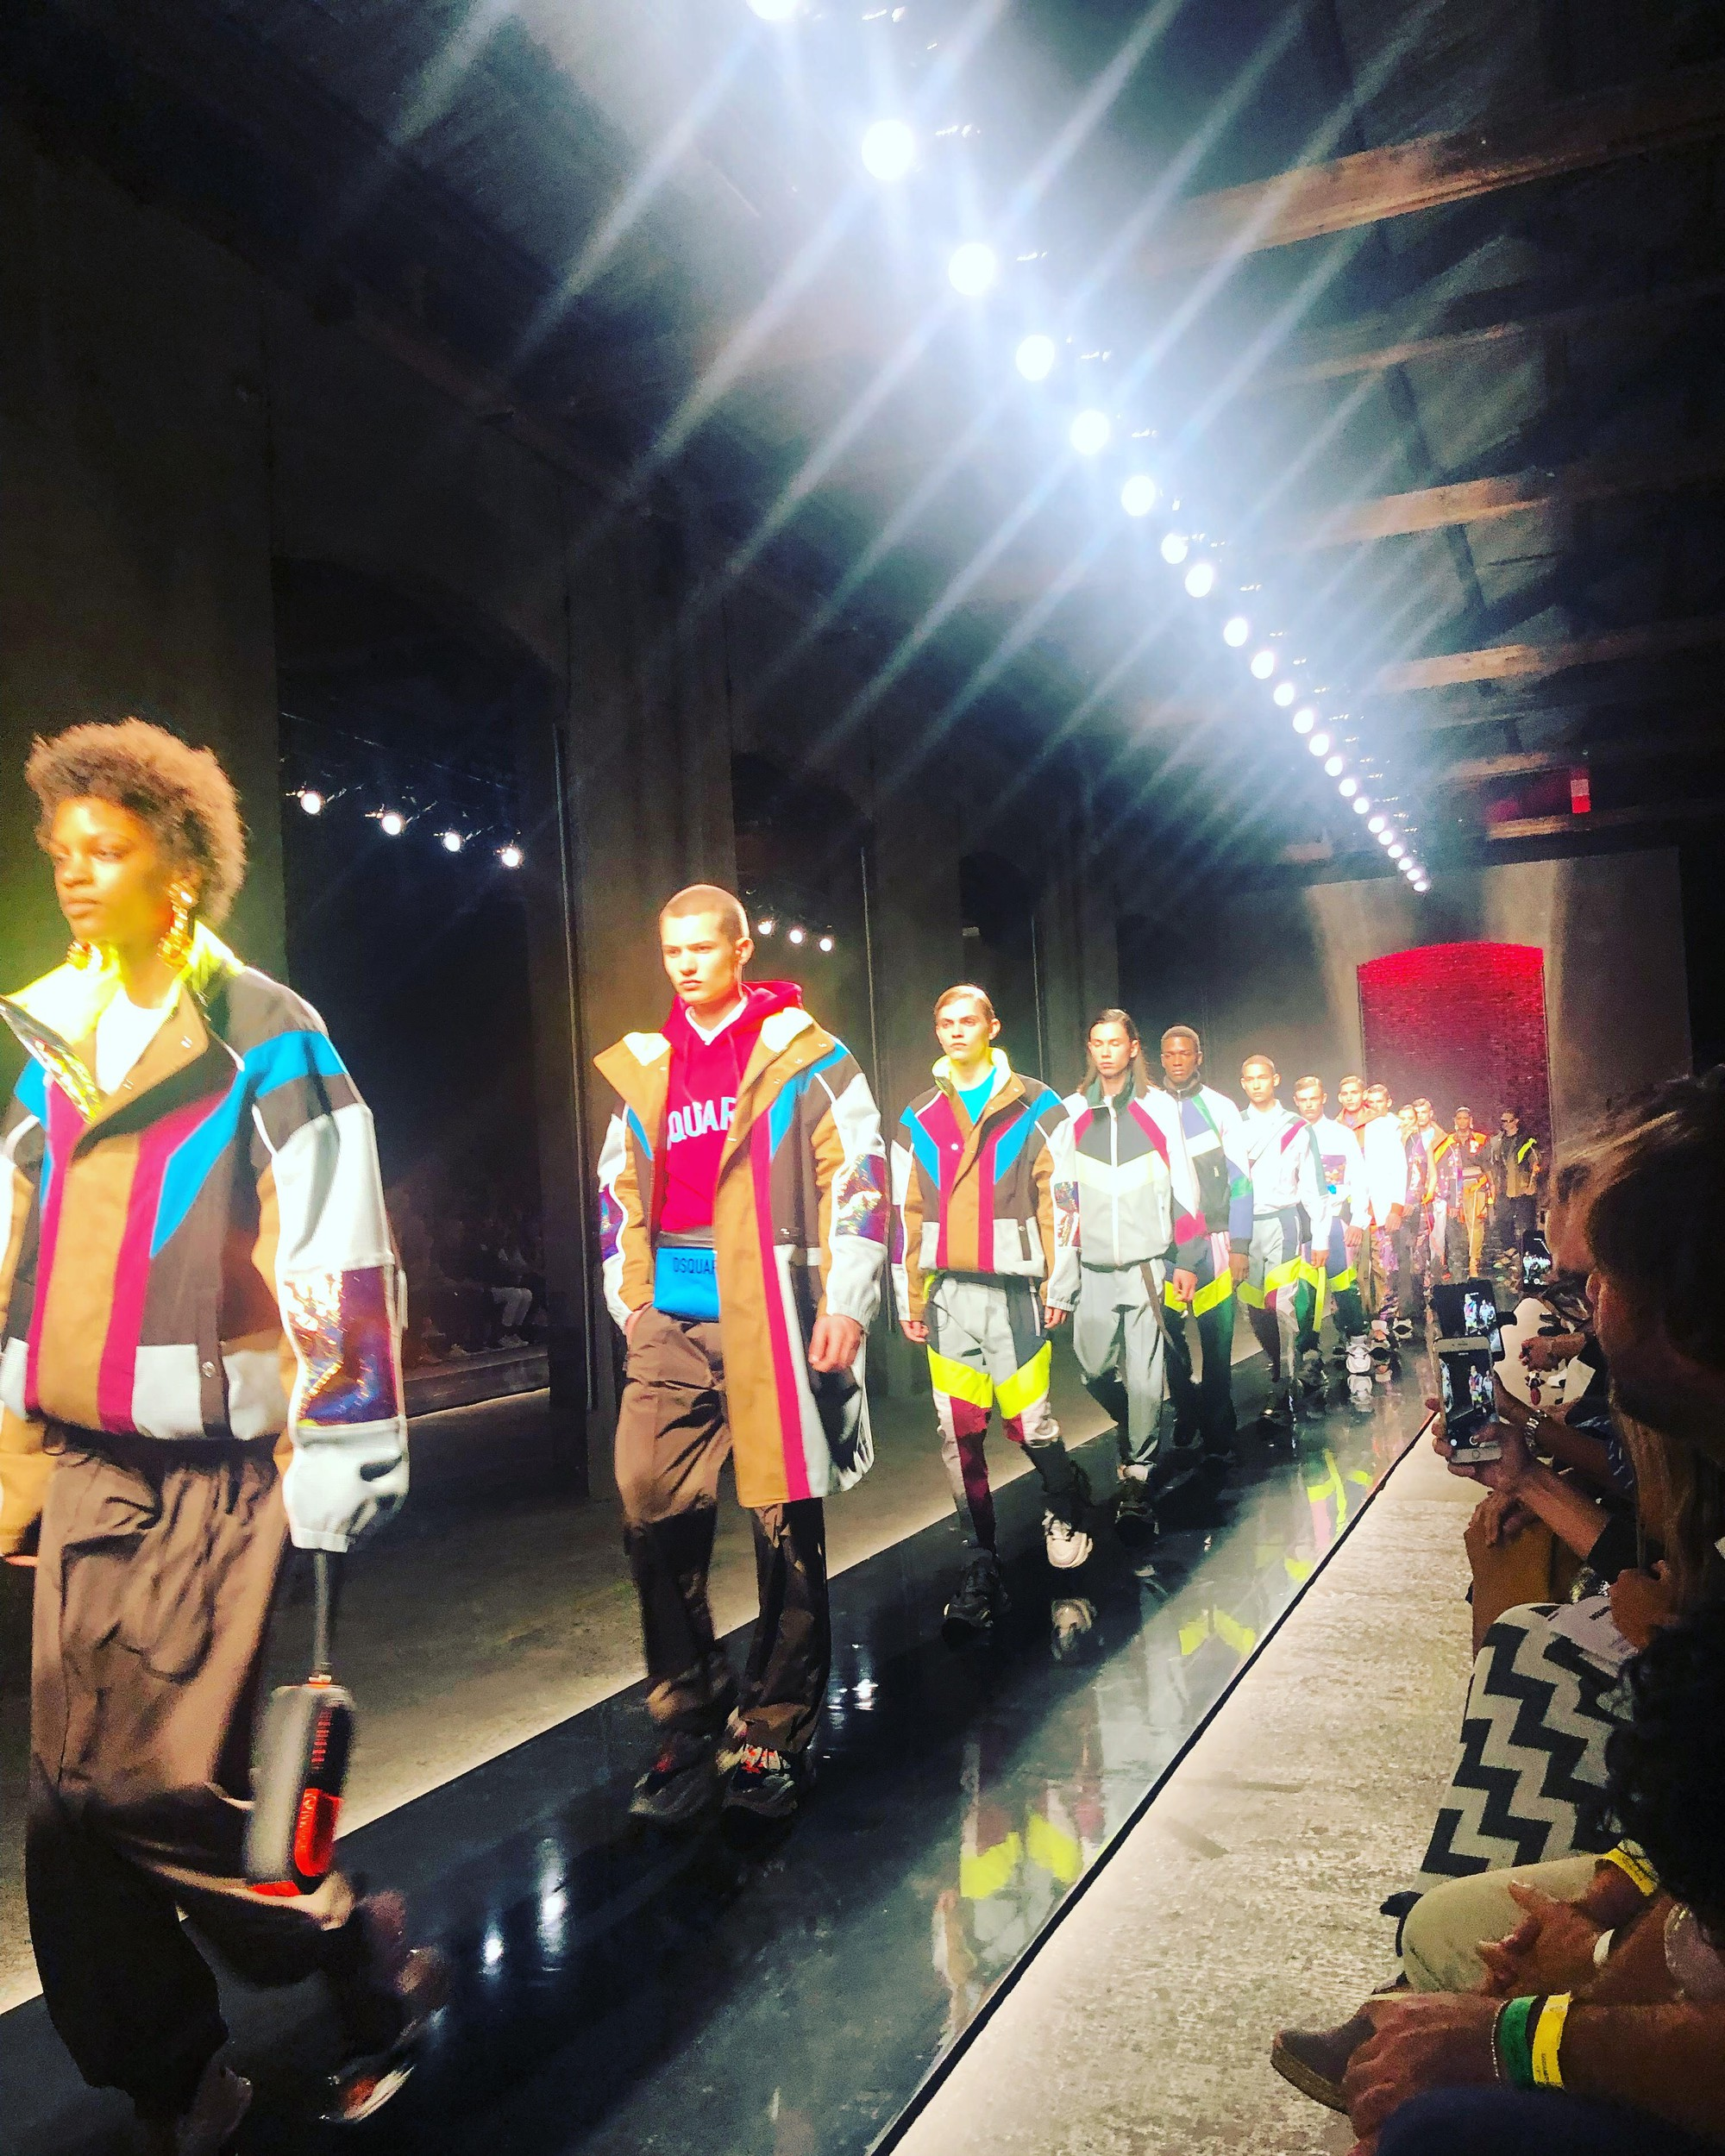 Võ Cảnh được mời dự show, Vũ Khắc Tiệp ngồi hàng ghế đầu trong show Dsquared2 tại Tuần lễ thời trang nam Milan 2018 - Ảnh 6.